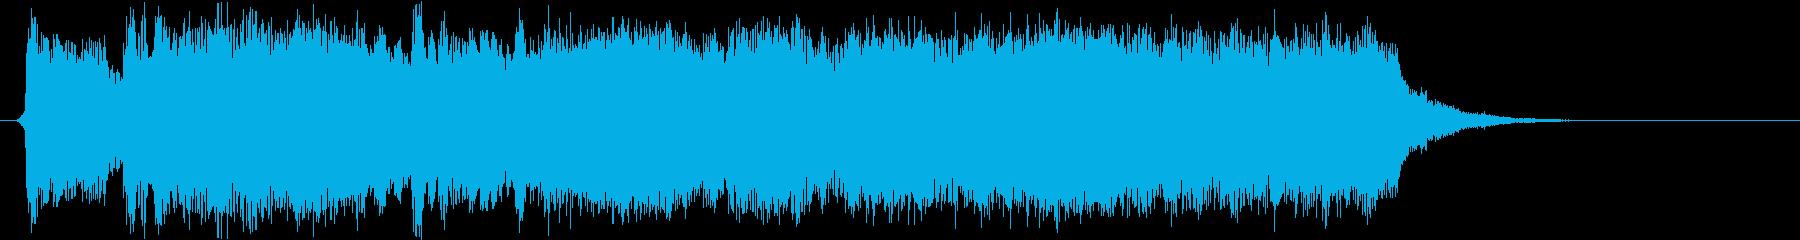 明るい希望のあるオーケストラジングルの再生済みの波形